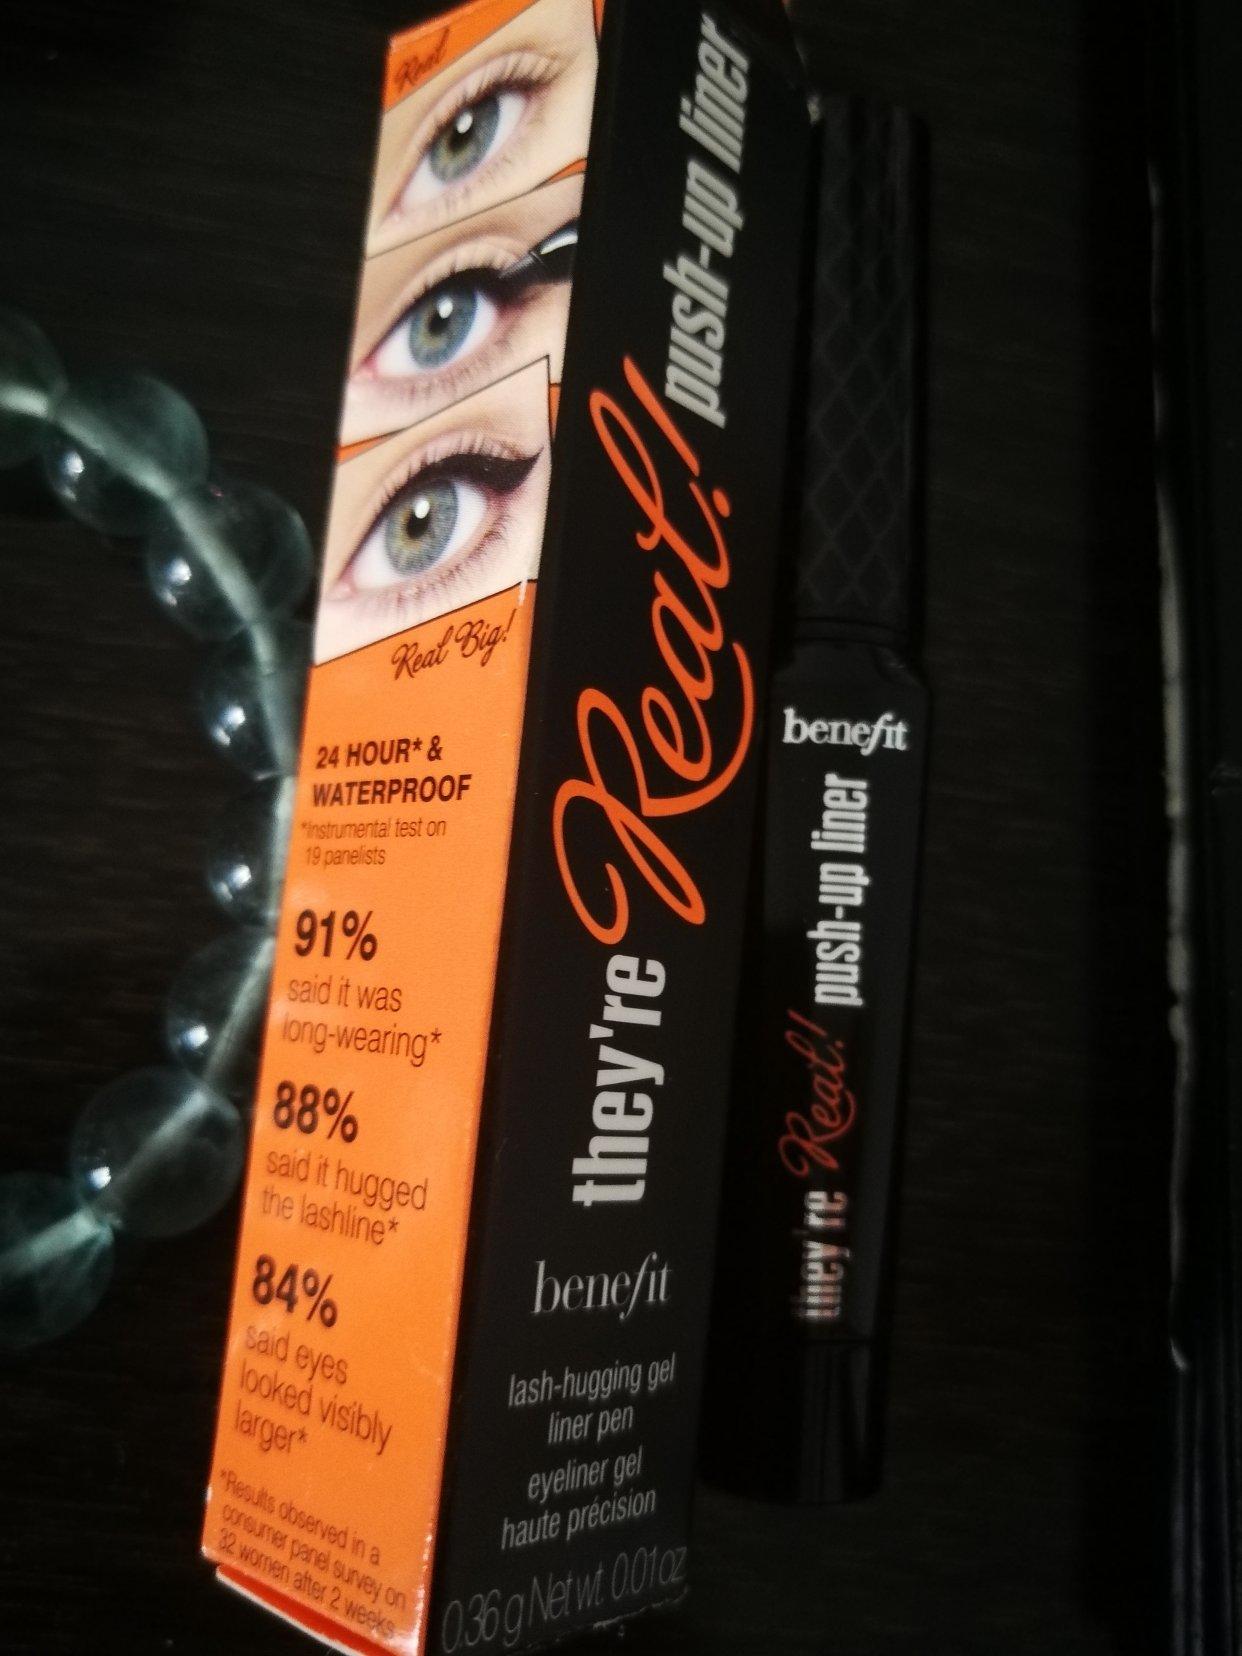 丝芙兰在售benefit眼线胶笔踩雷!